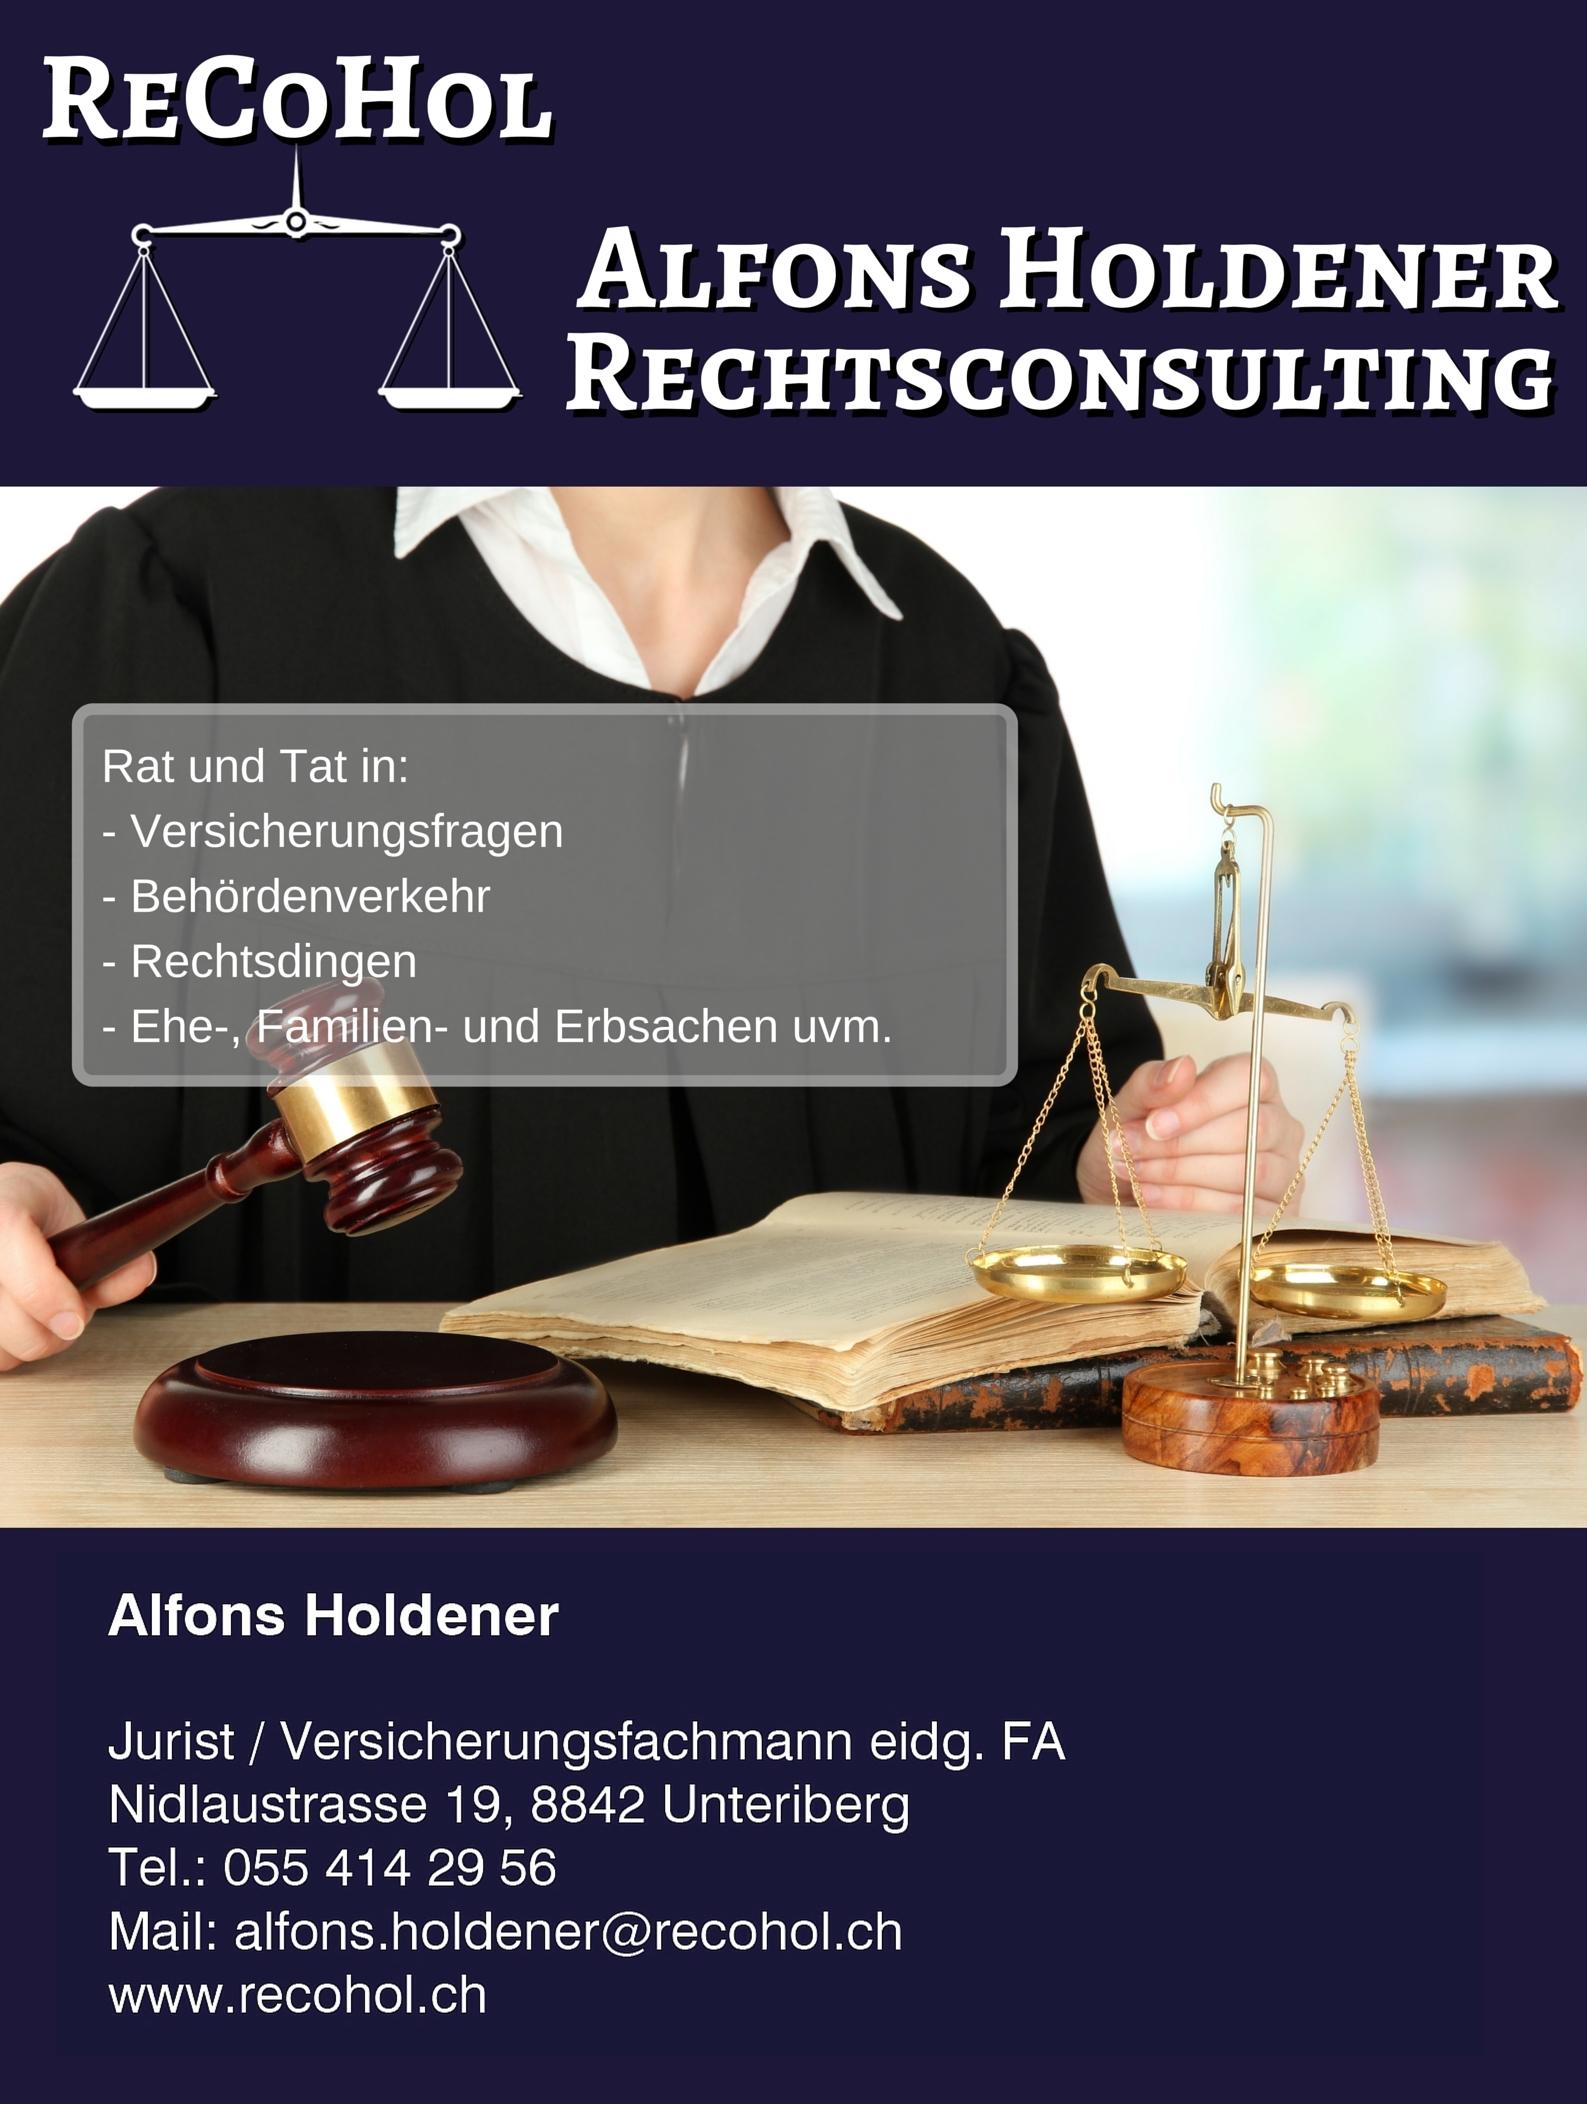 Türschild für Rechtsberater